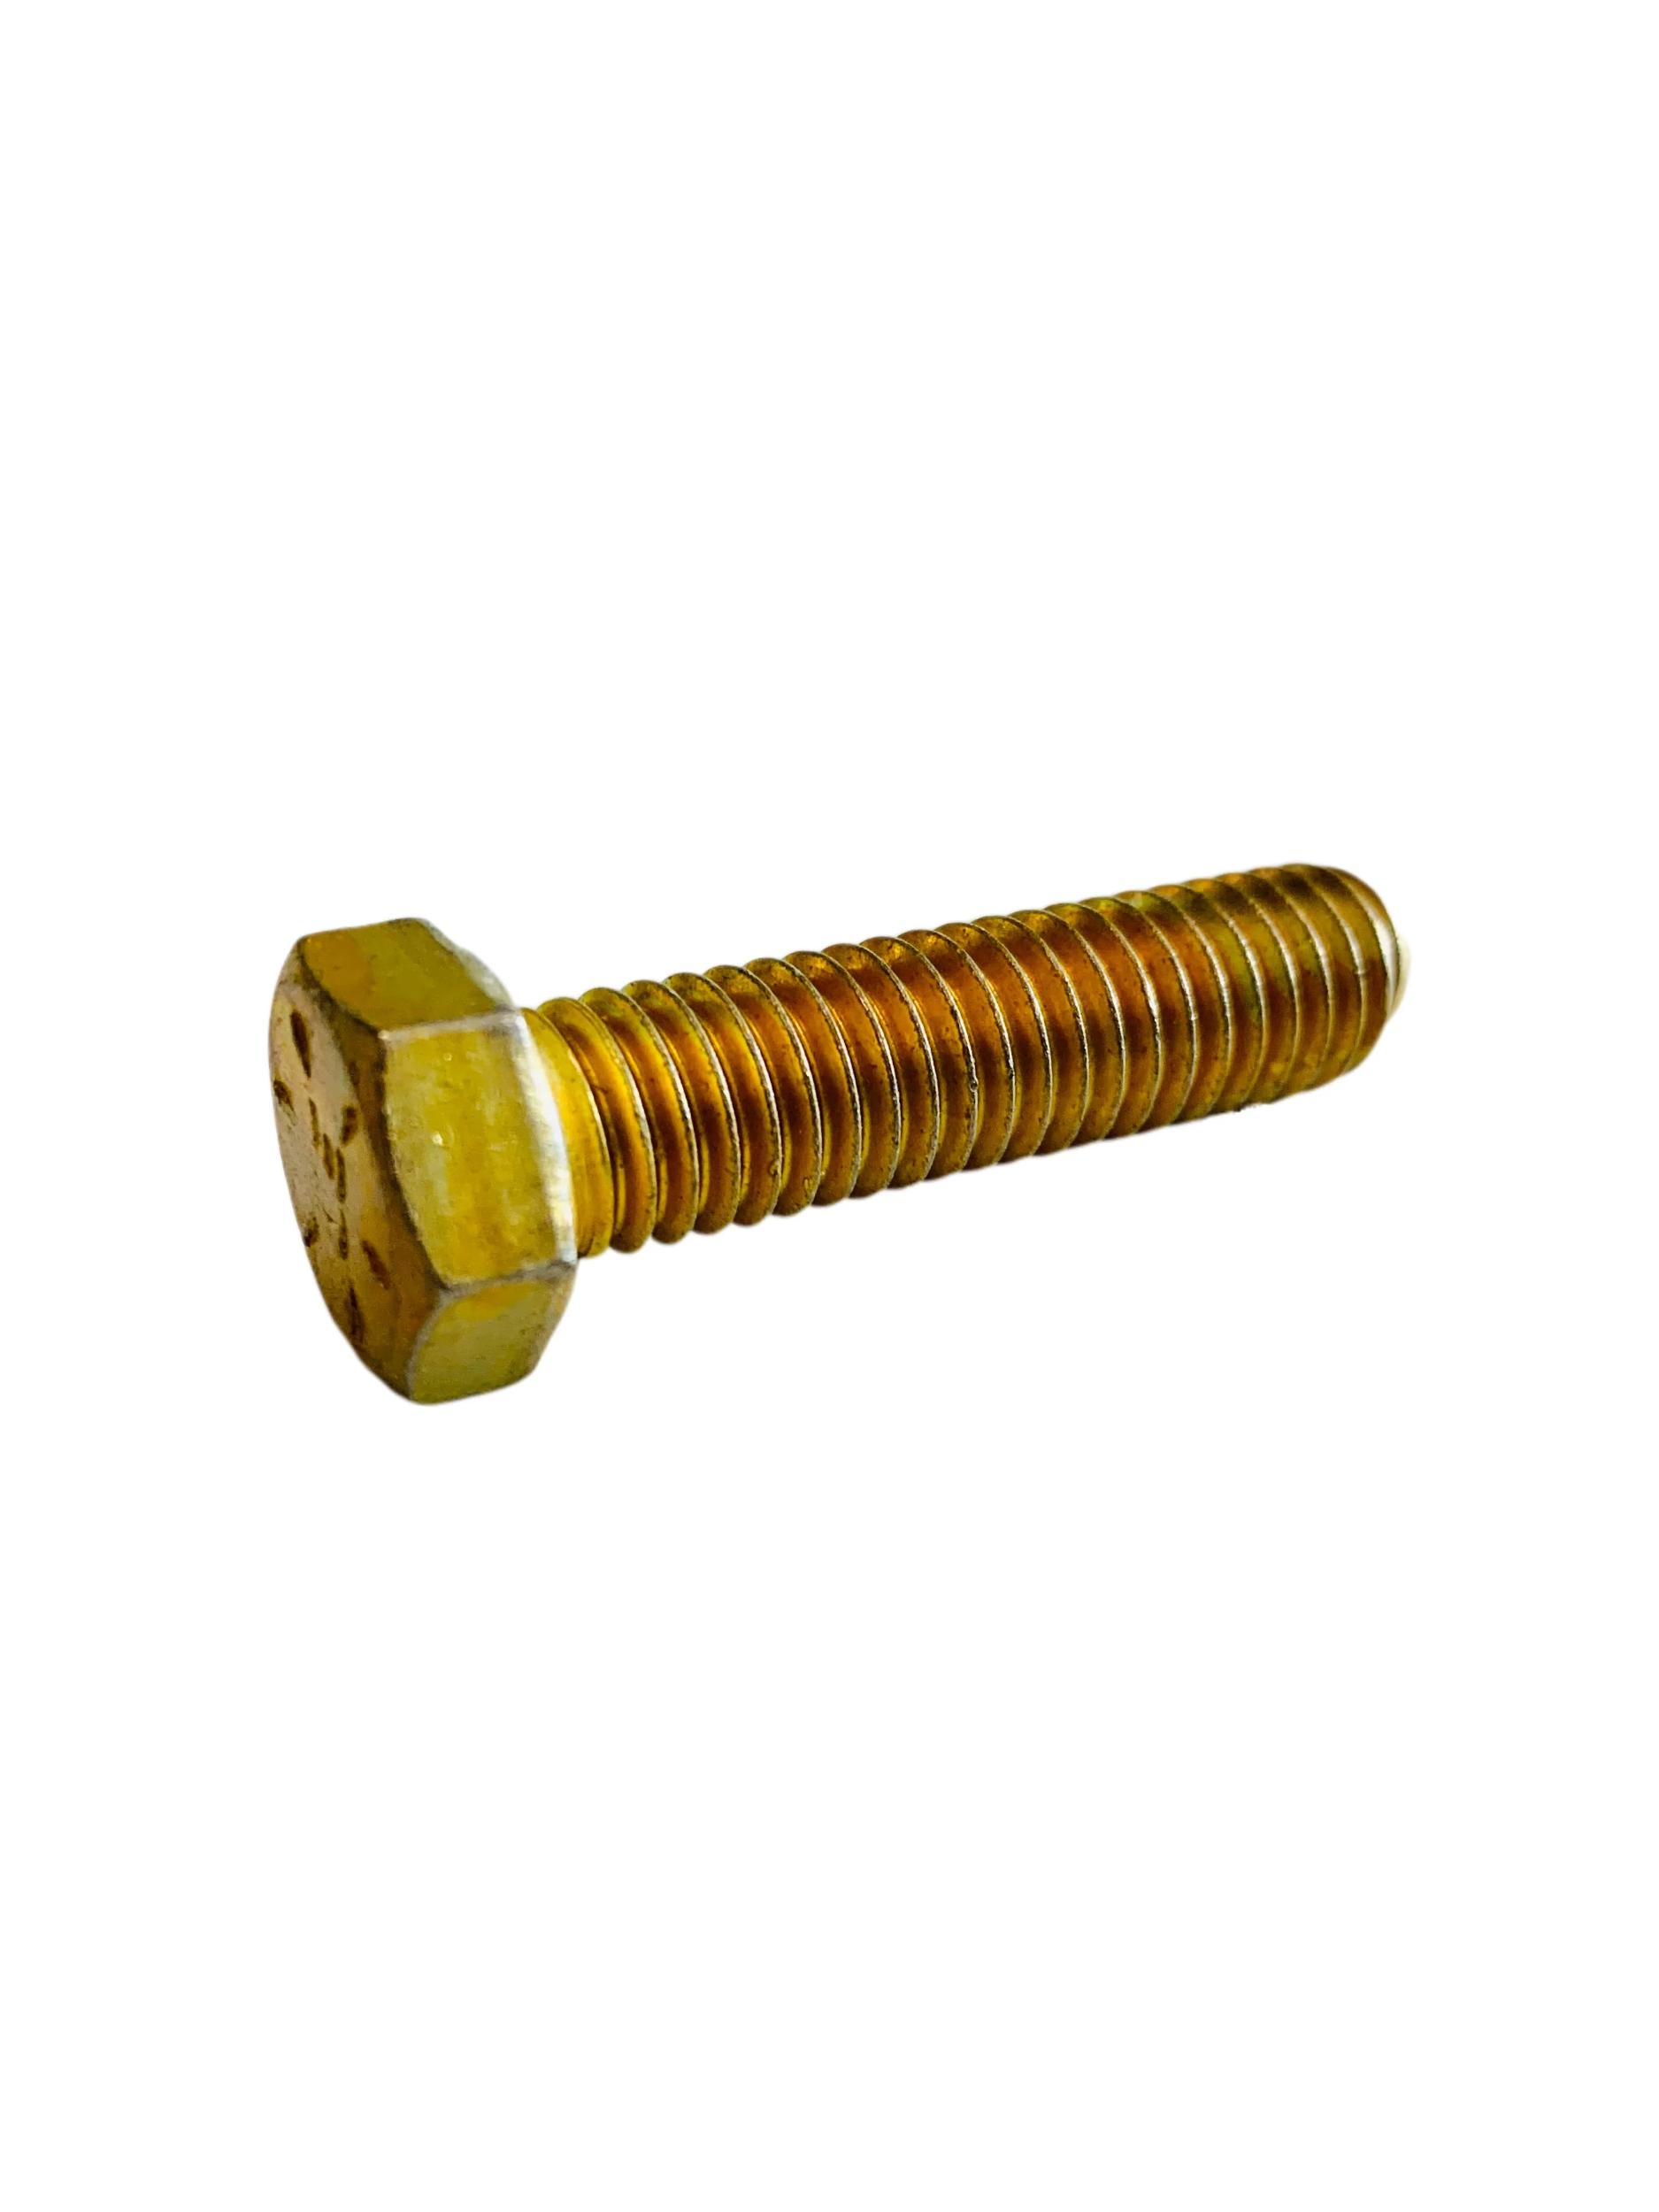 """40 Hex Head 3//8-16 x 4-3//4/"""" Grade 8 Bolts Yellow Zinc Cap Screws"""